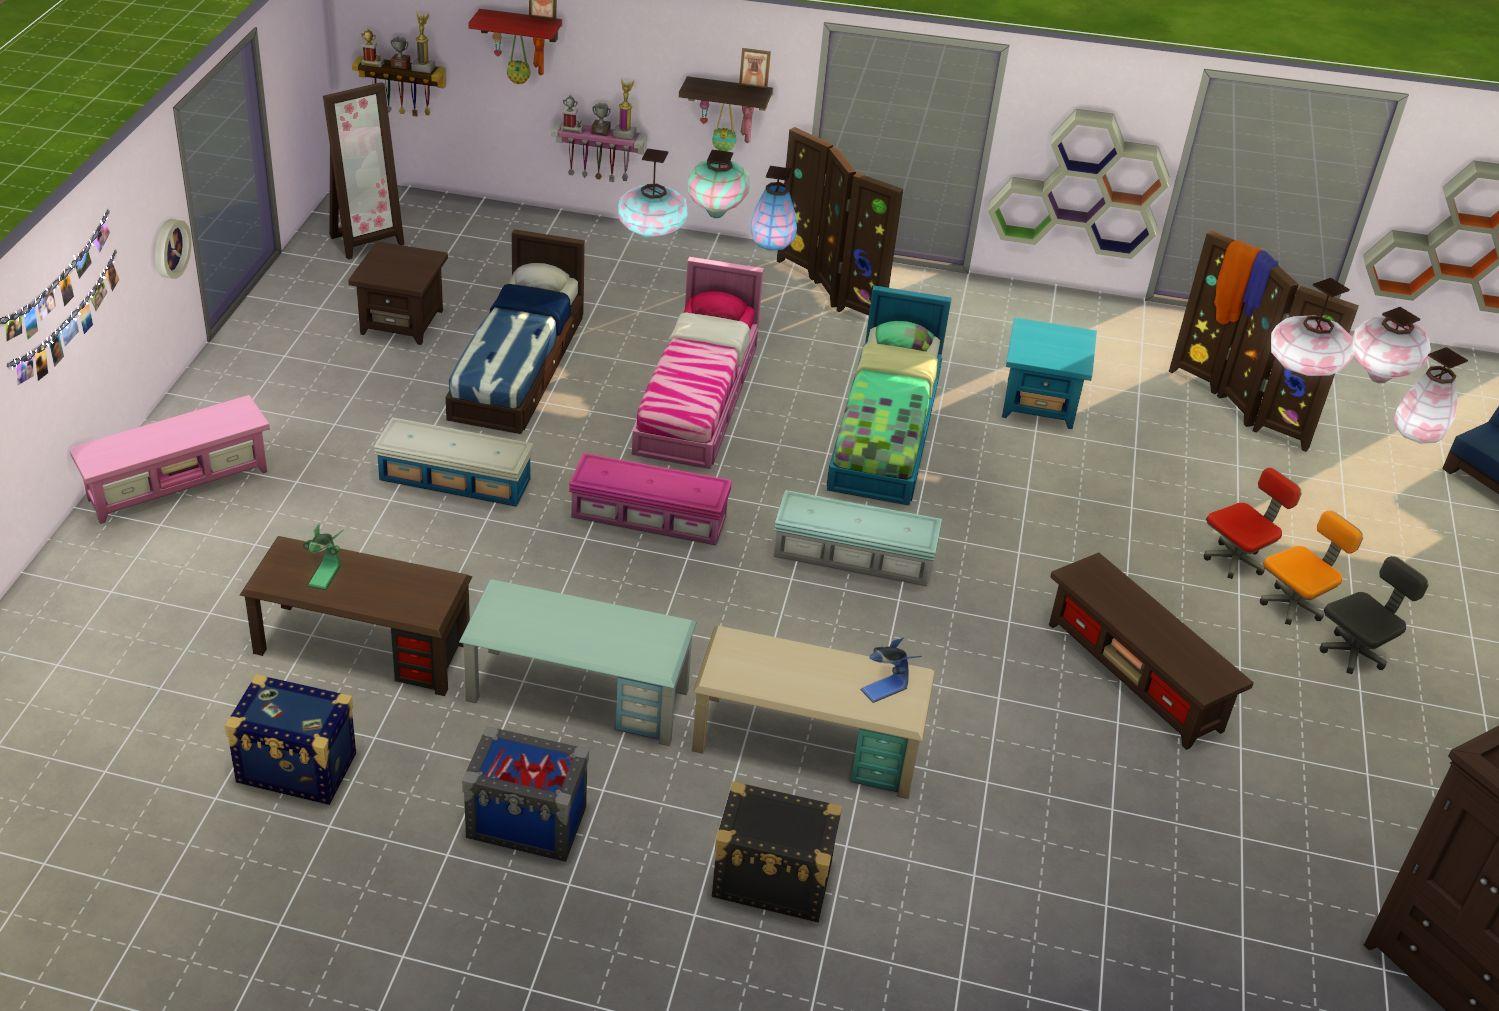 Les Sims 4 Apercu Du Pack De Jeu Chambre D Enfants Game Guide